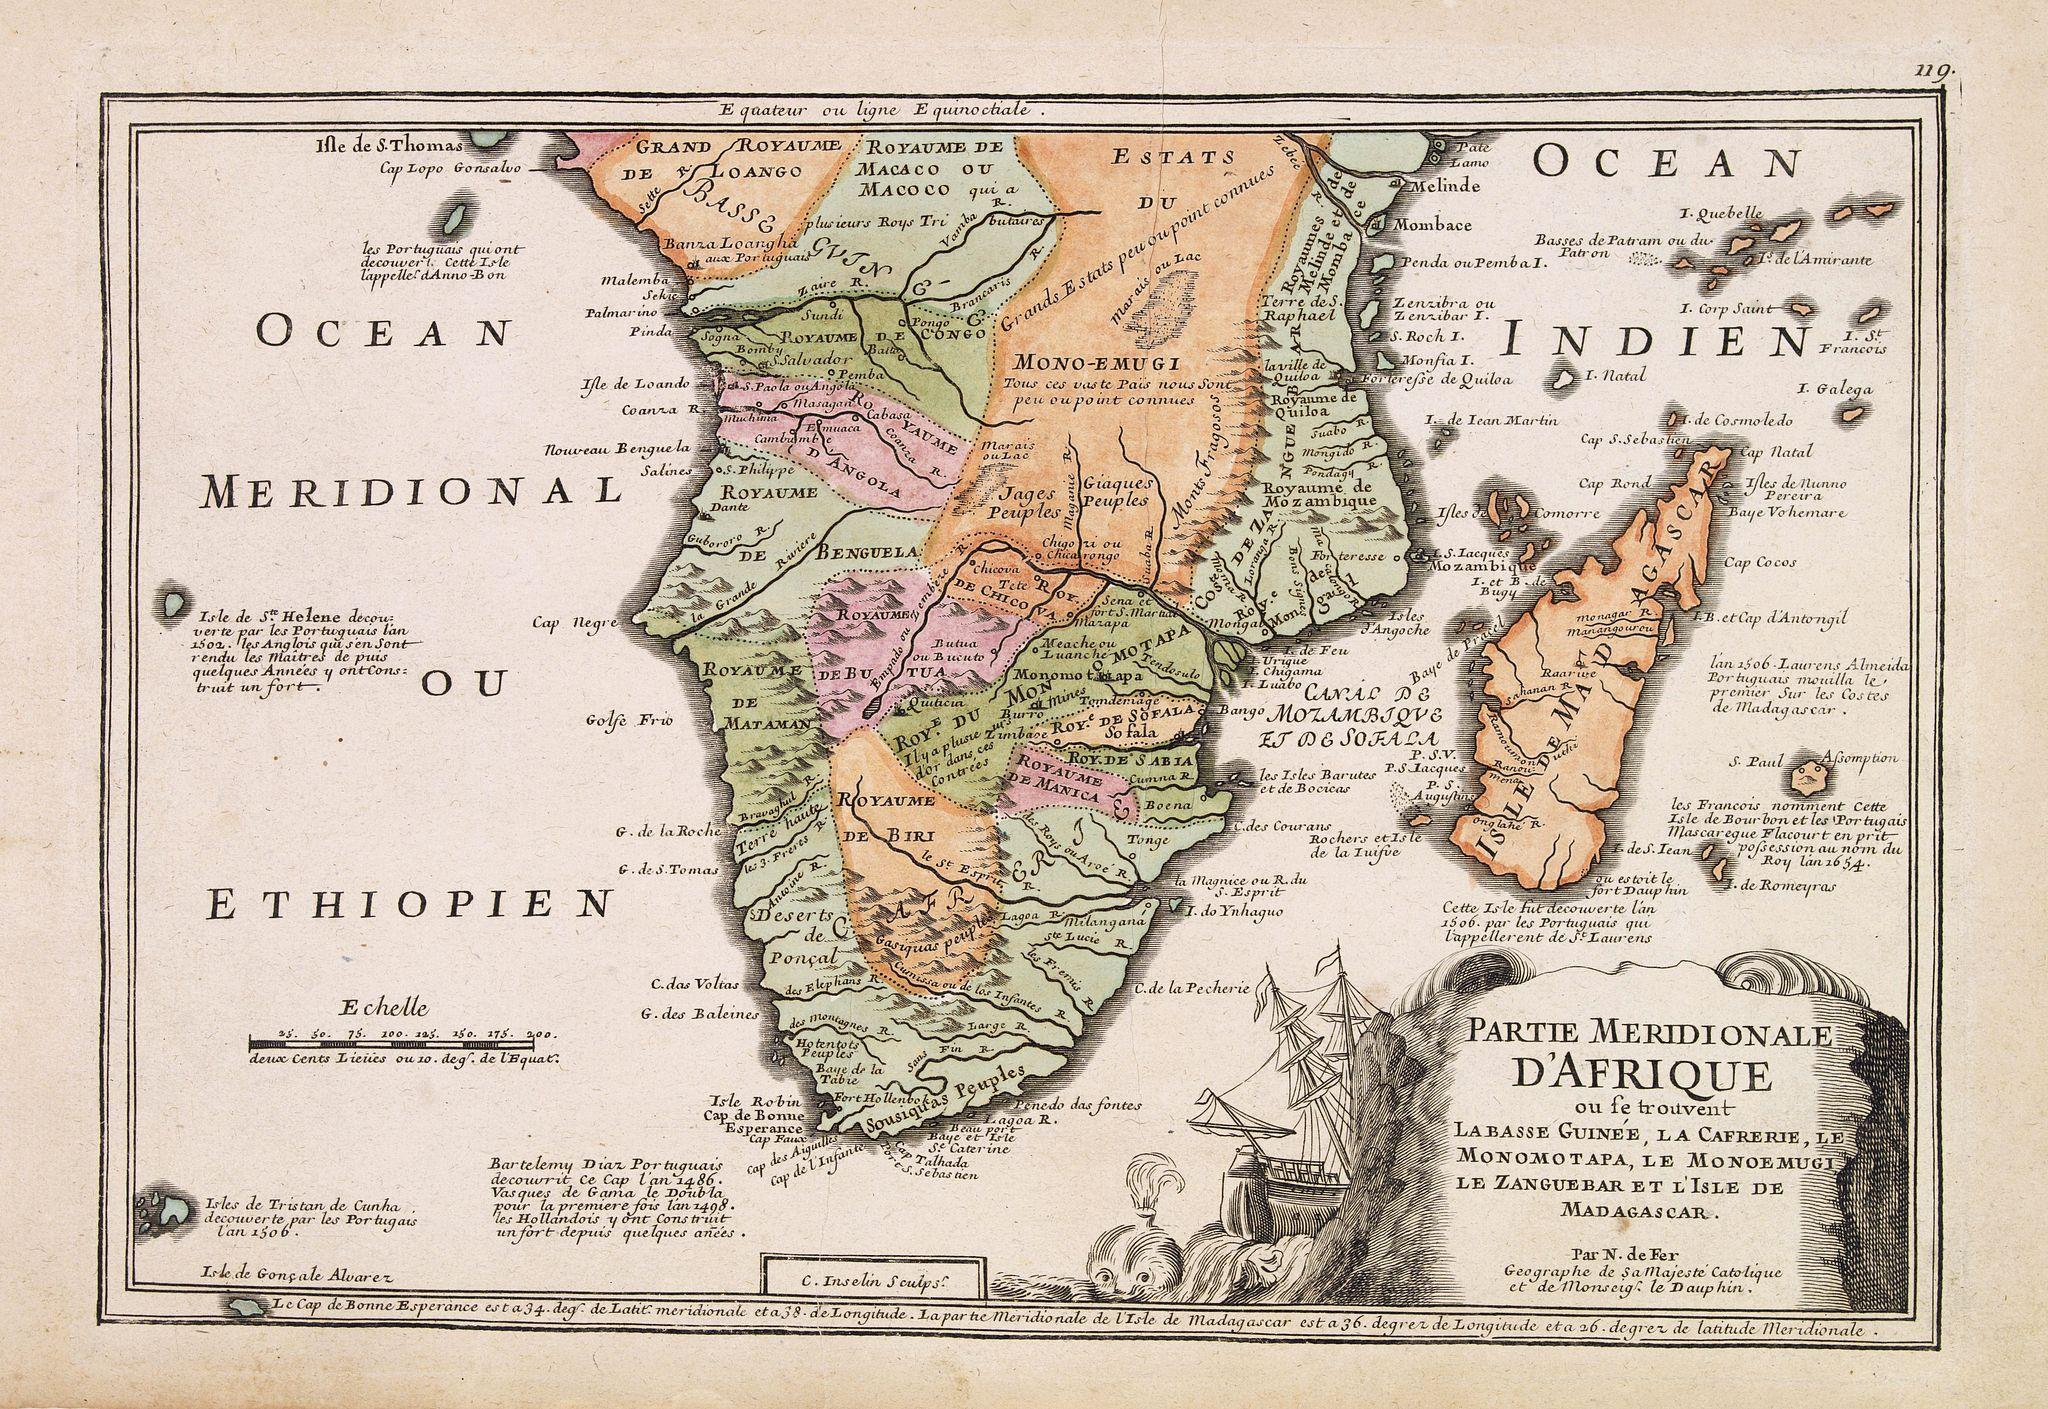 DE FER, N. -  Partie méridionale d'Afrique où se trouvent la Basse Guinée, la Cafrerie, le Monomotapa, le Monoemugi, le Zanguebar et l'isle de Madagascar.